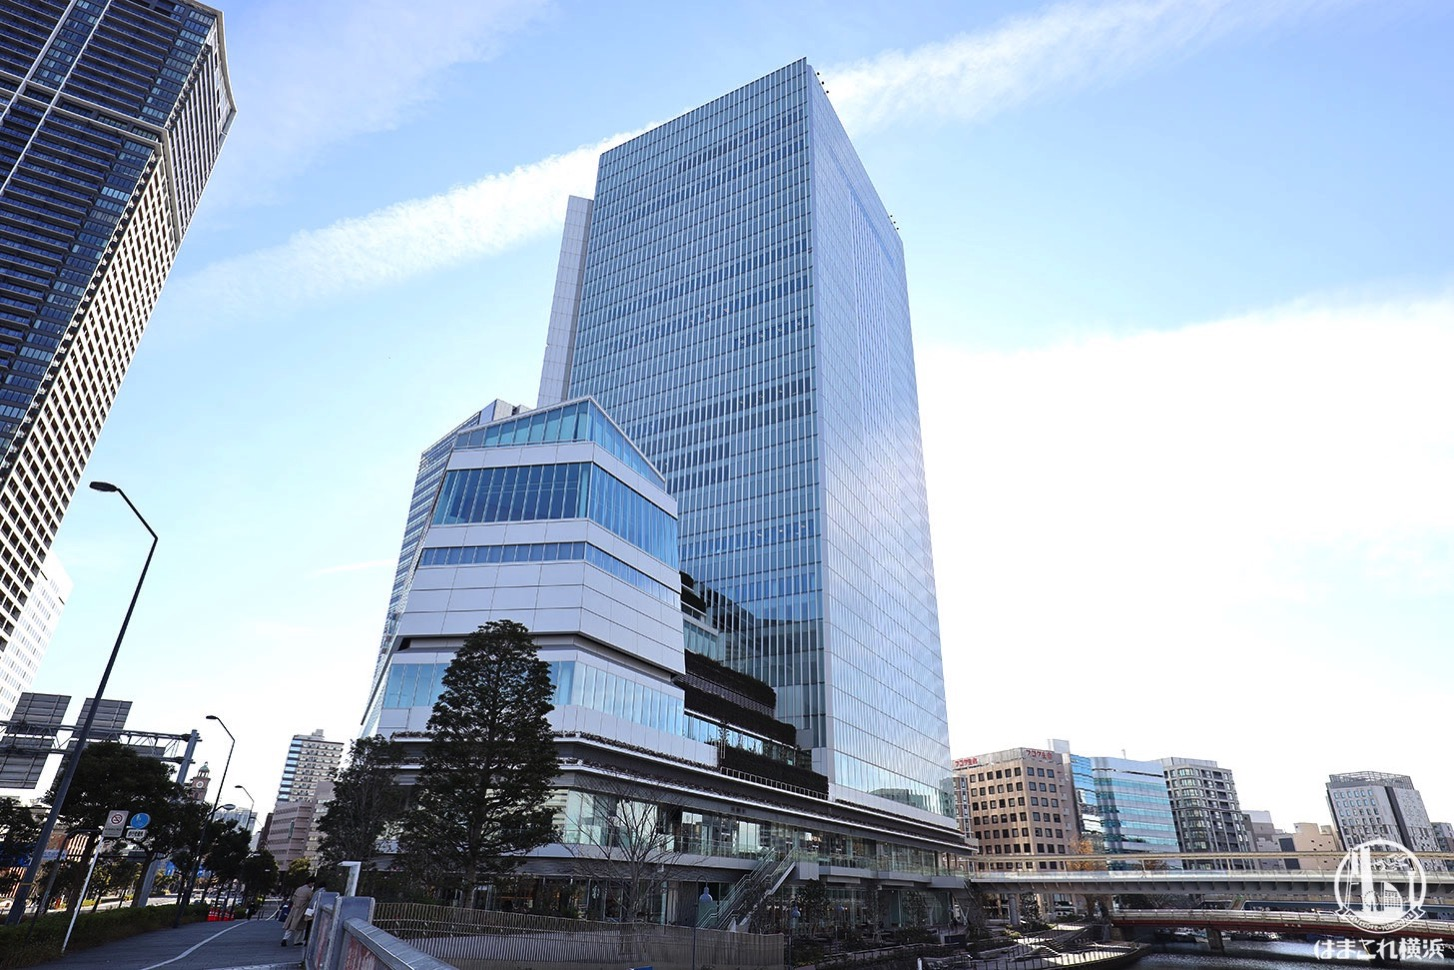 横浜市役所・ラクシスフロント